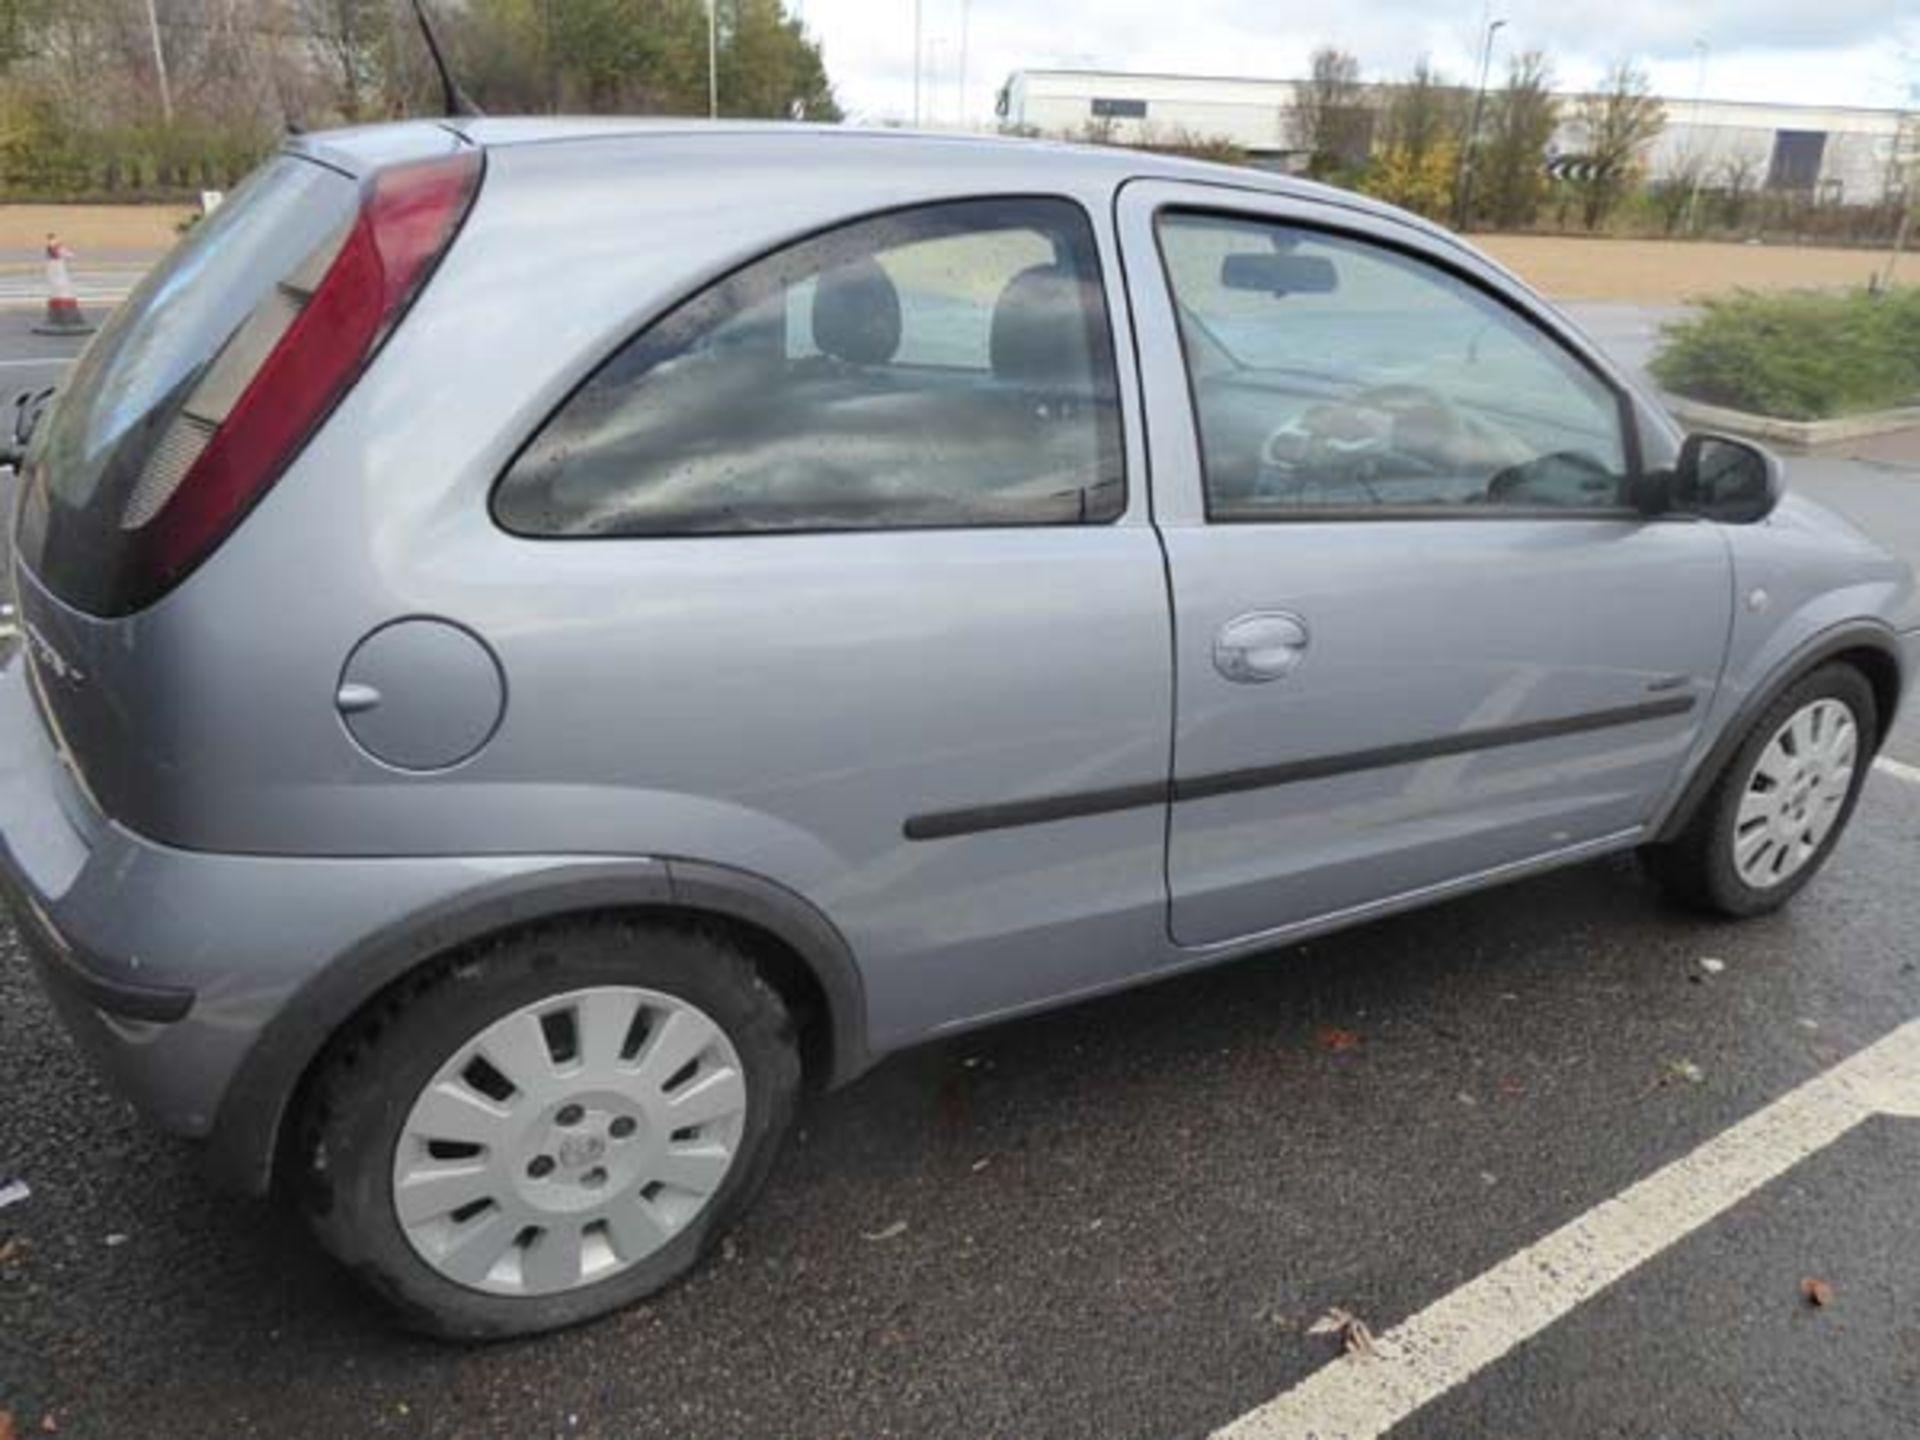 KL53 KTA (2003) Vauxhall Corsa Active 16V, 3 door hatchback, 1199cc, petrol, in silver, 39'044 - Image 11 of 12